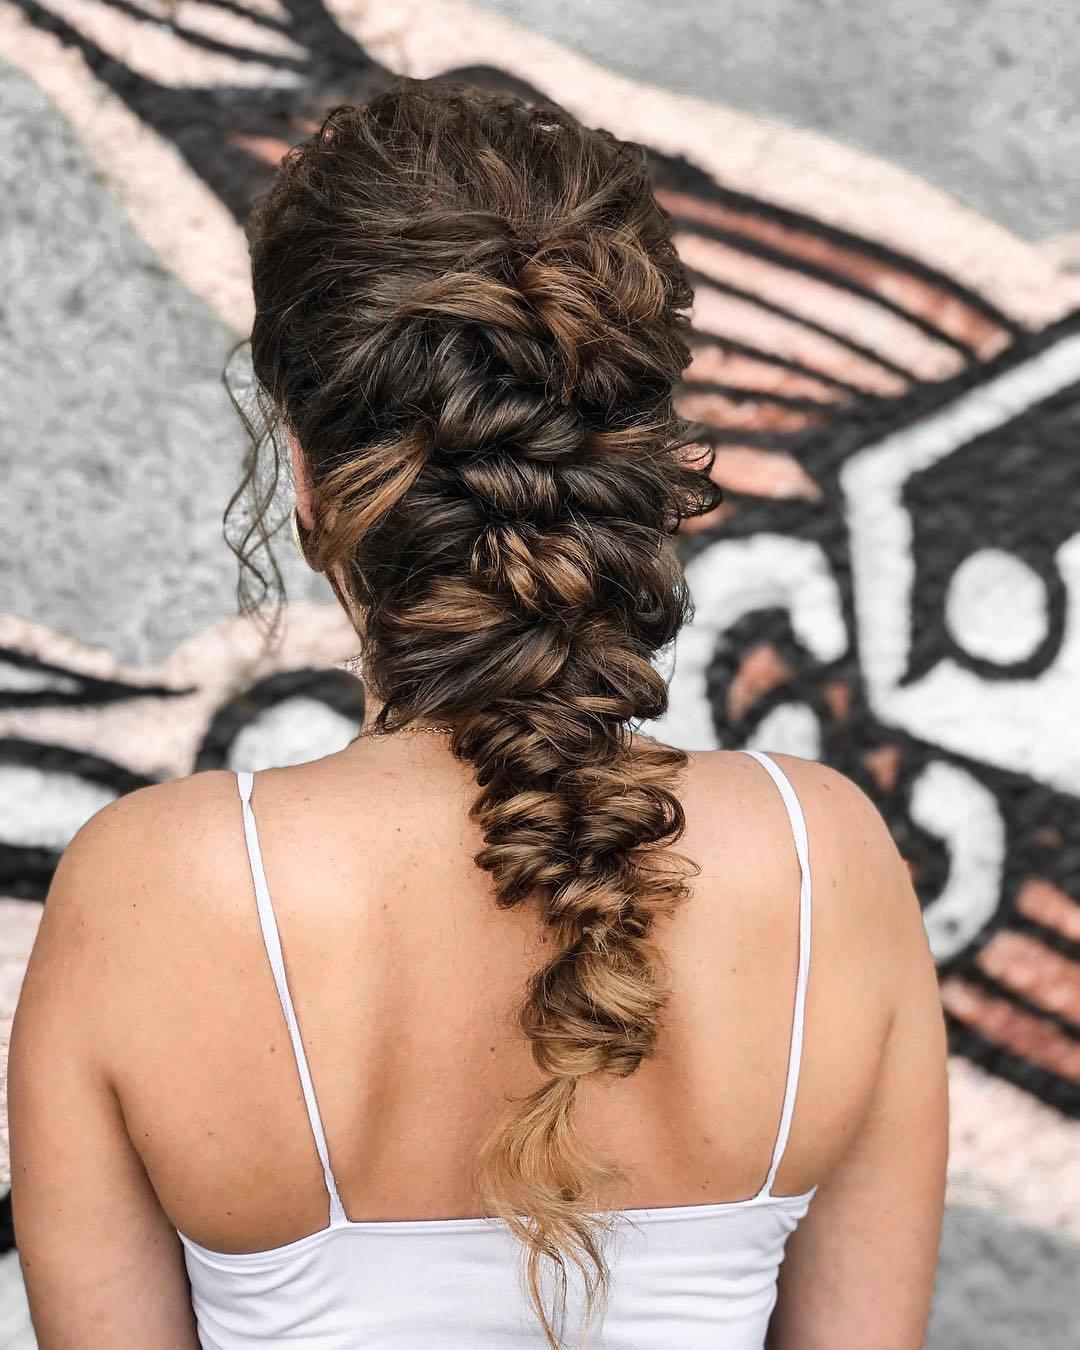 Femme brune avec une longue coiffure grecque en tresse